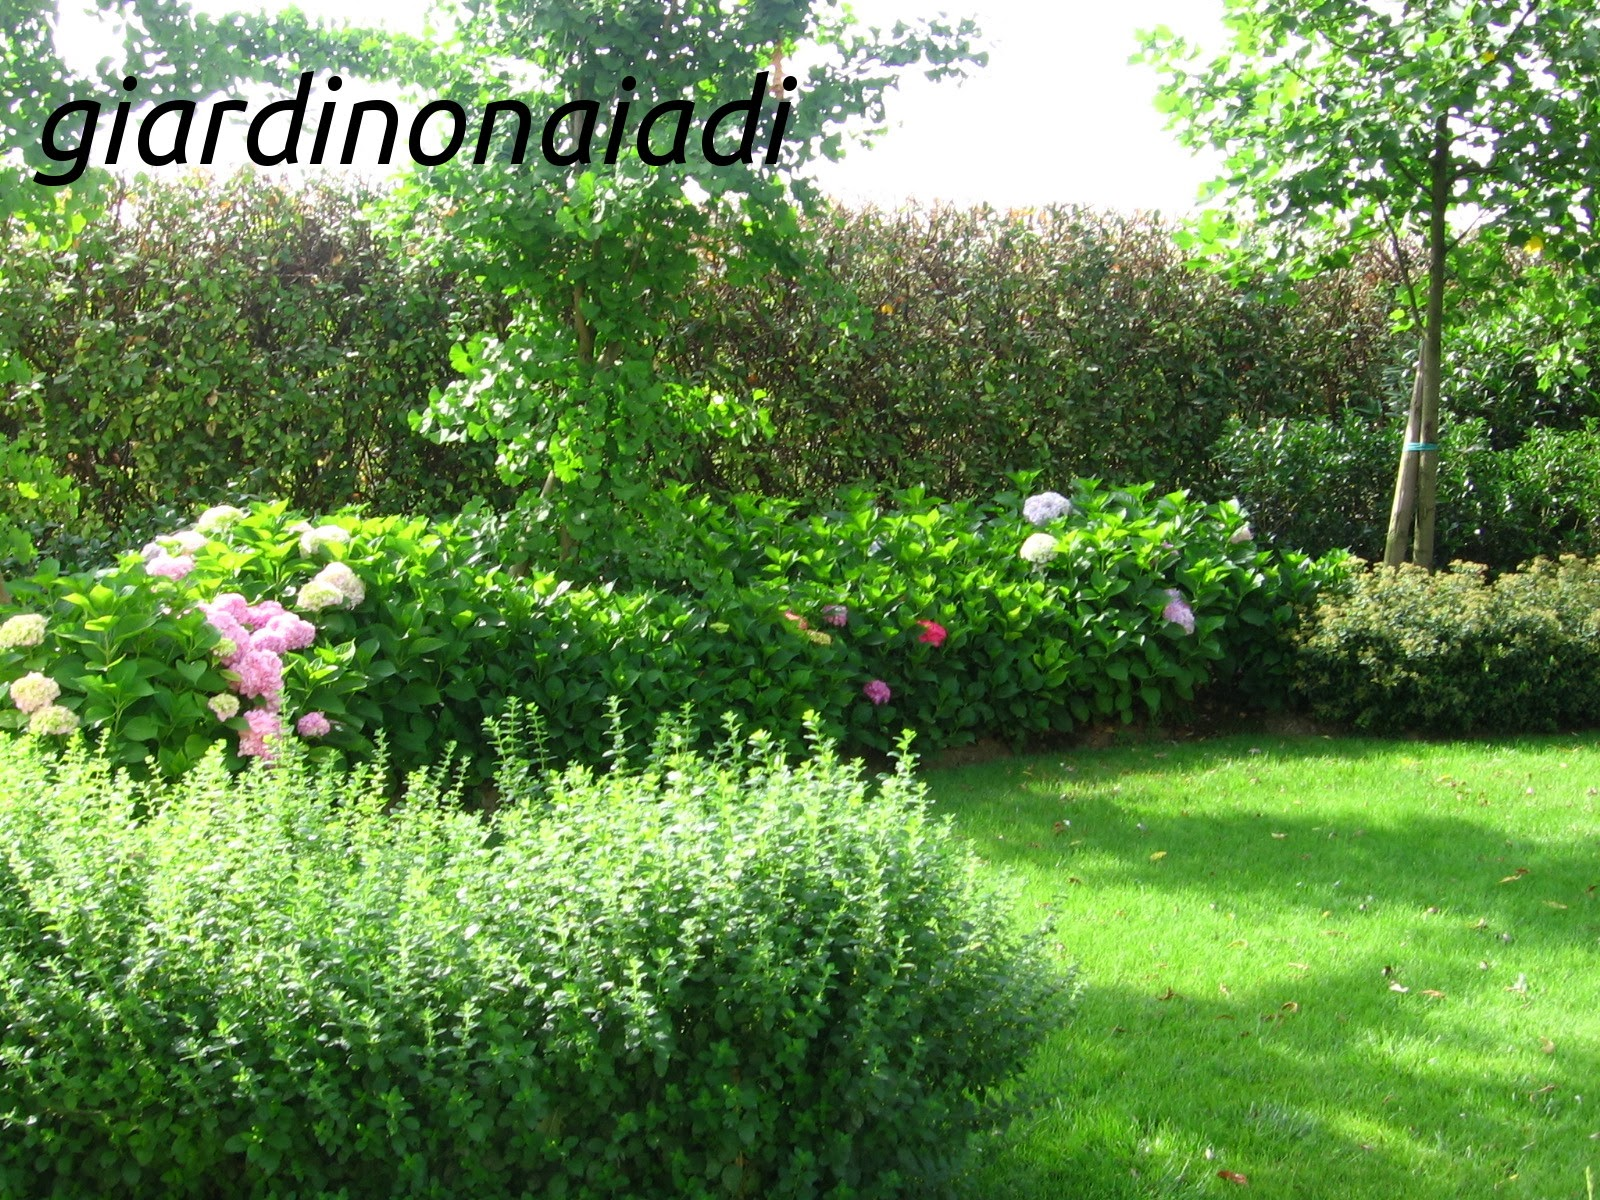 Piante Basse Da Aiuola il giardino delle naiadi: progettare bordure e aiuole